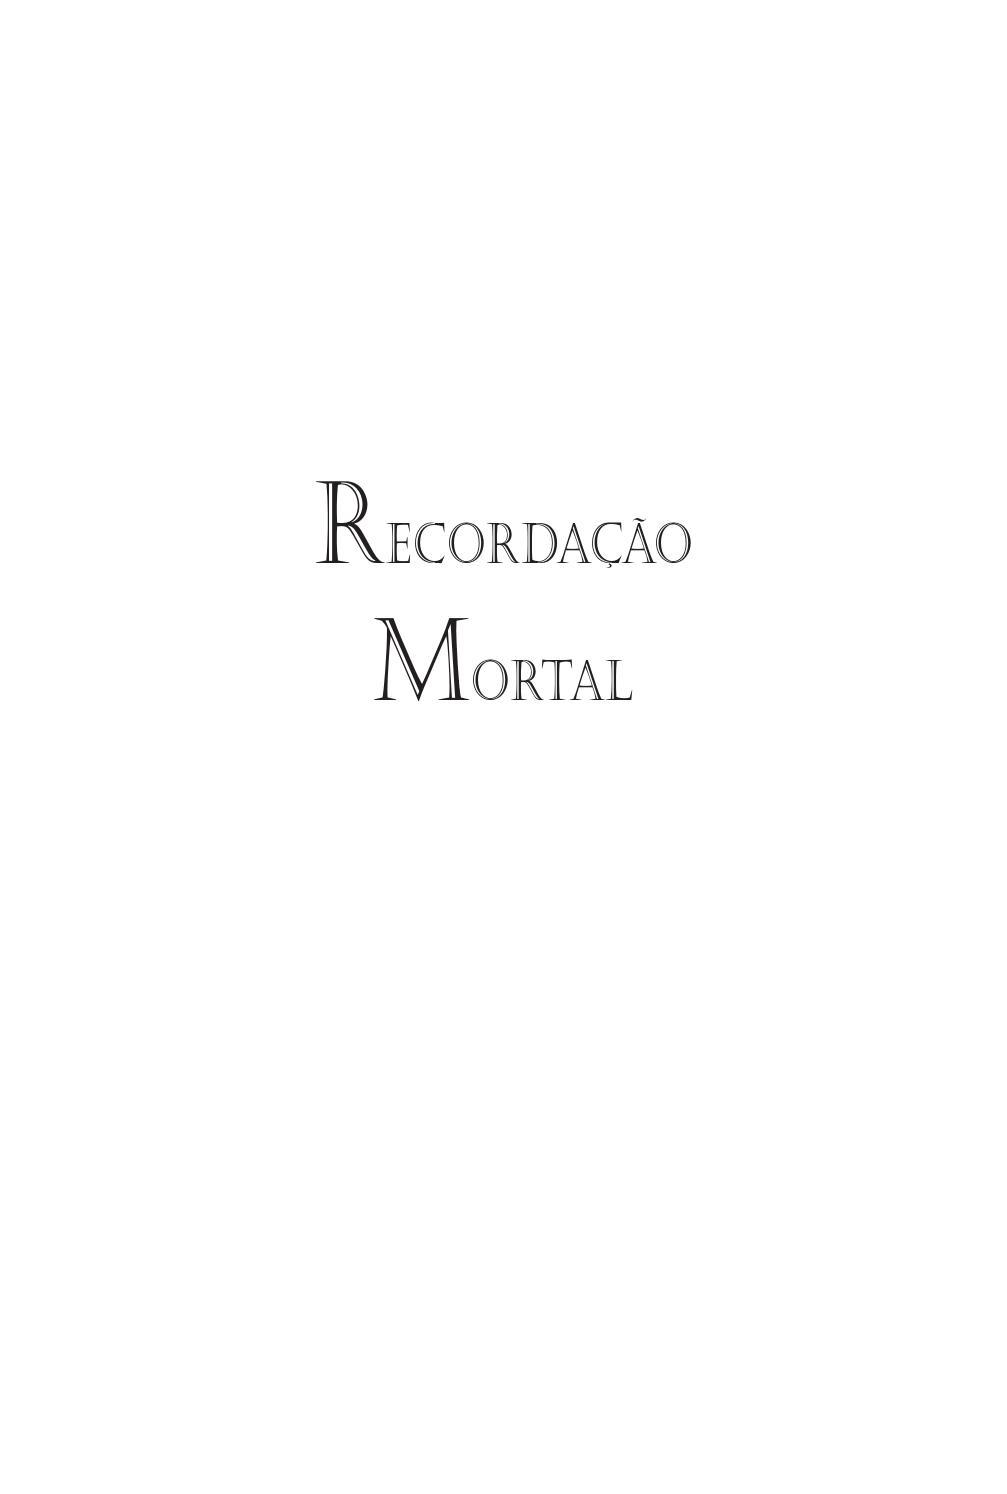 Recordação Mortal - Primeiro capítulo